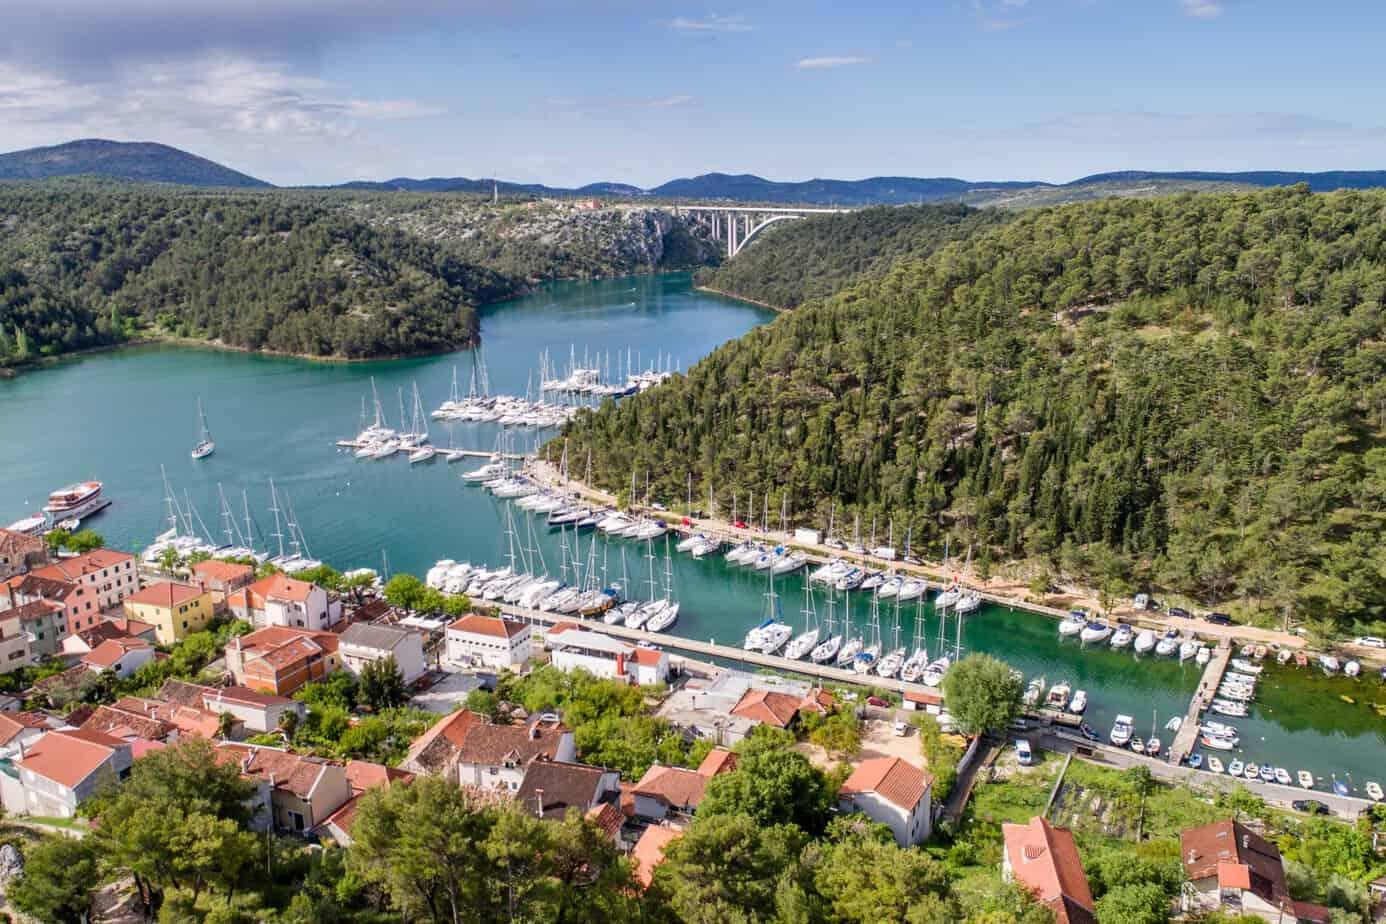 ile kosztuje czarter jachtu w Chorwacji